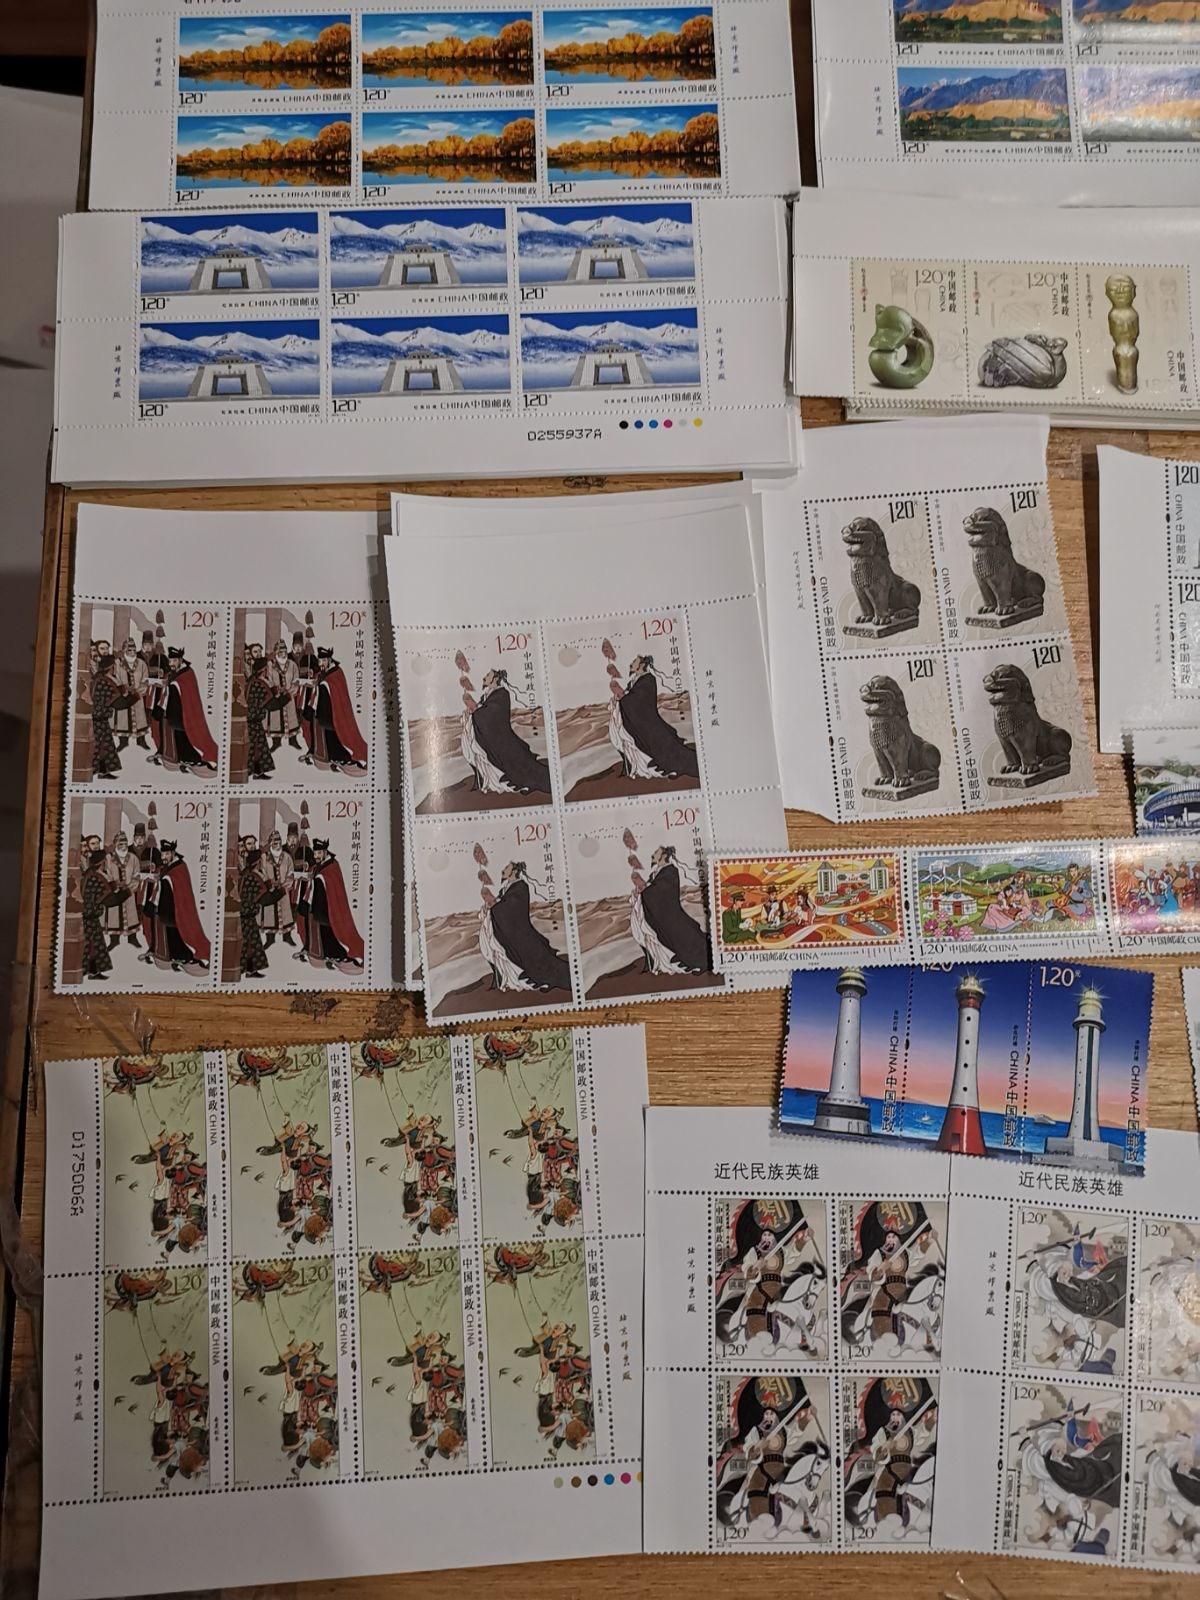 带寄信真打折分全部1.2元邮票份1邮票信荧光明信片20张可邮寄120